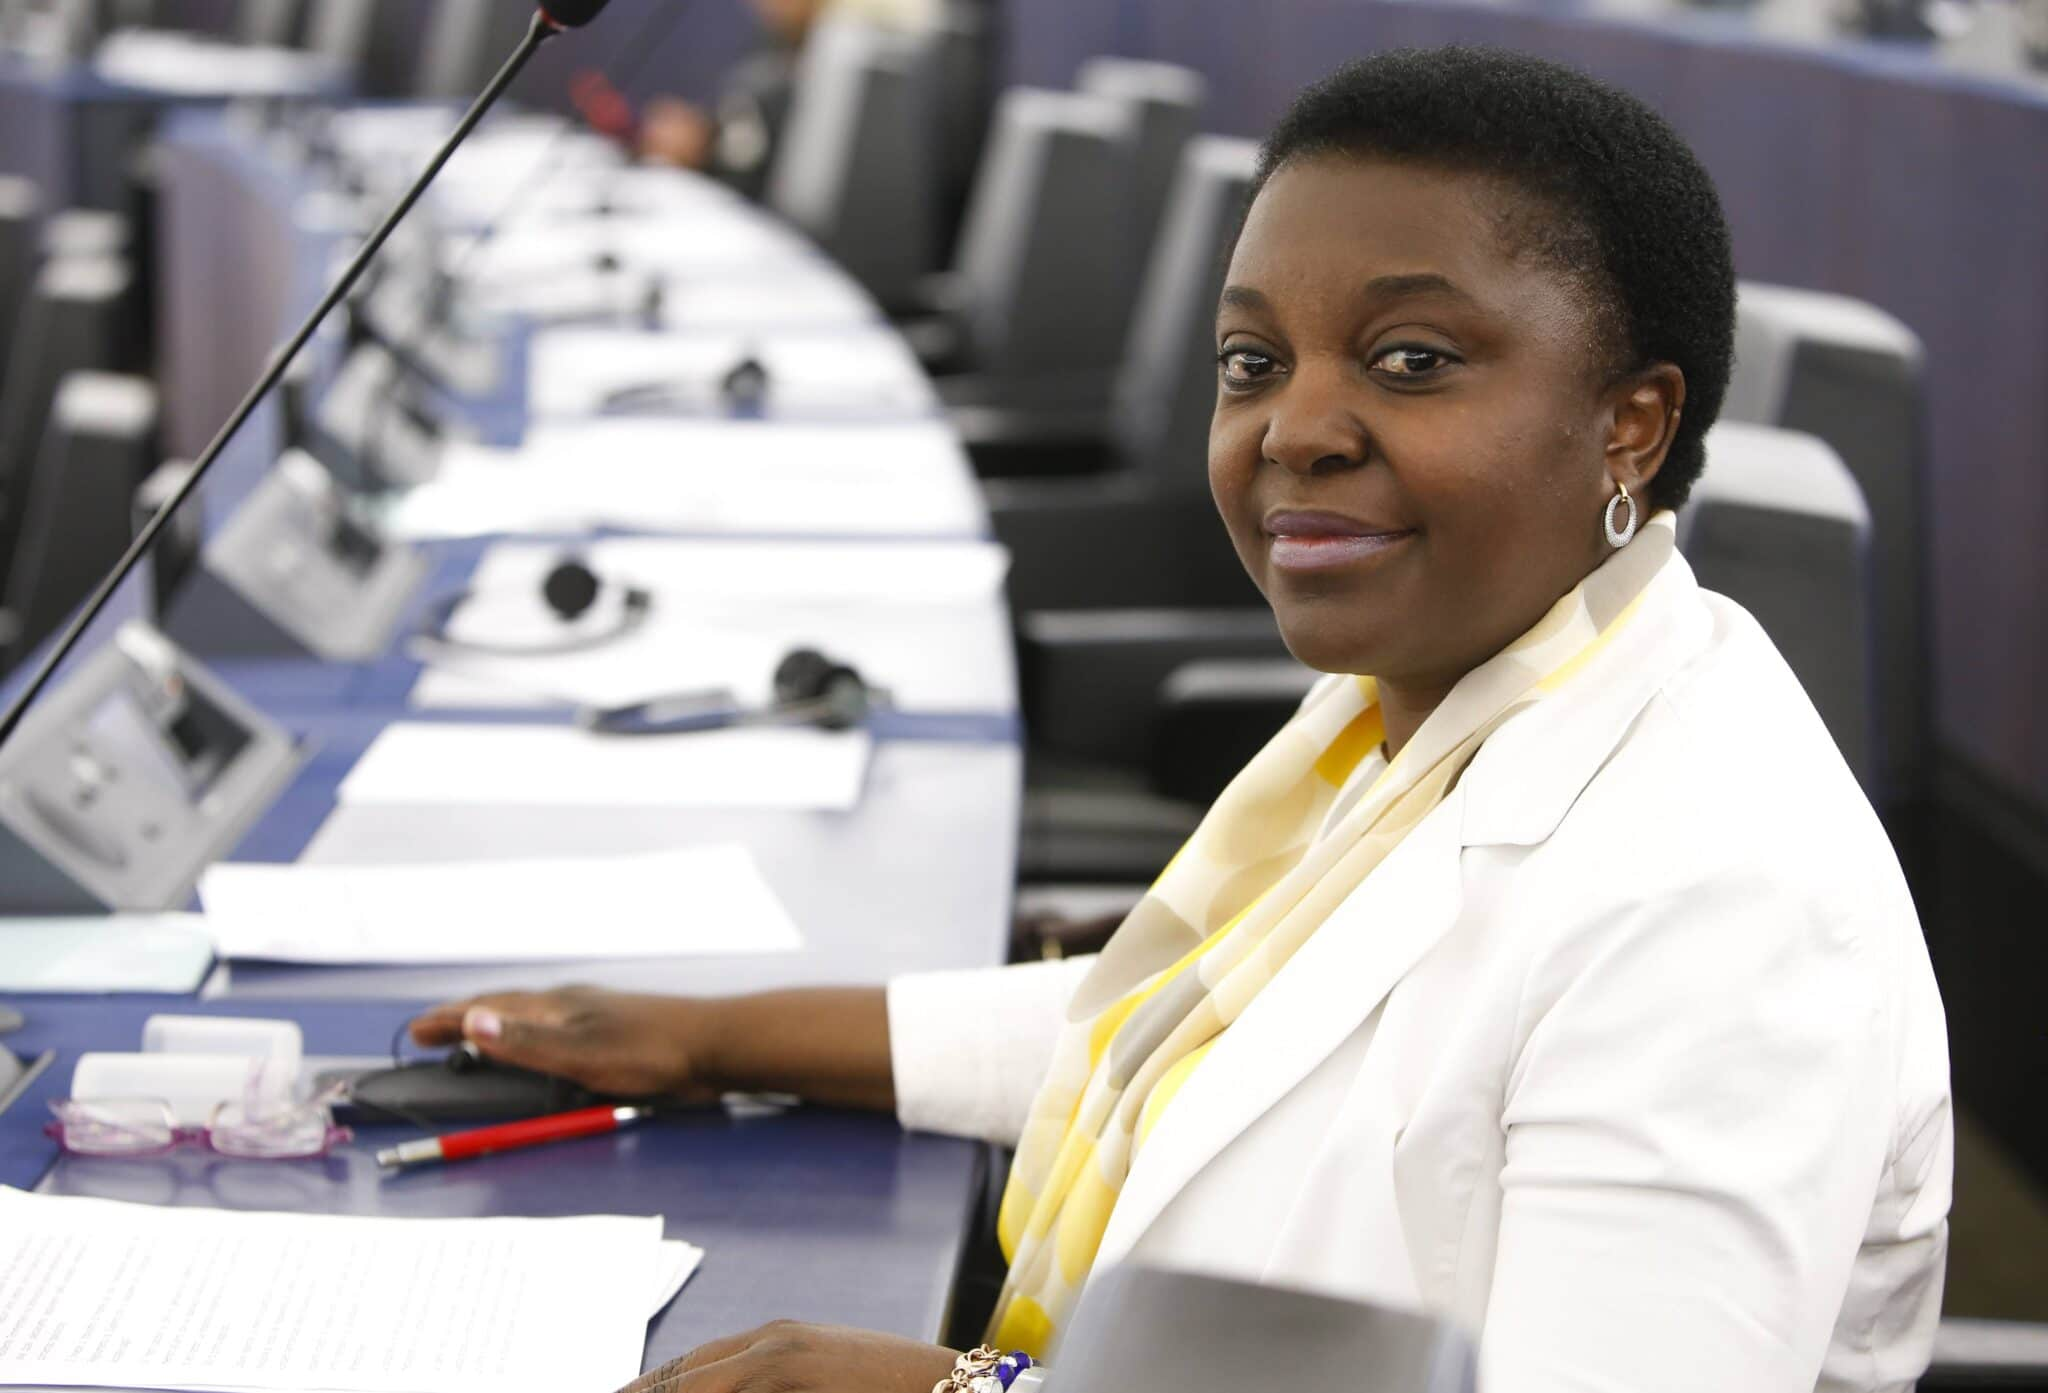 """Cécile perde la causa: """"negro"""" si può dire <br> E con """"sporco negro"""" non si ricade più nell'illecito penale <br> Ora sdoganiamo le altre parole vietate negli ultimi anni"""